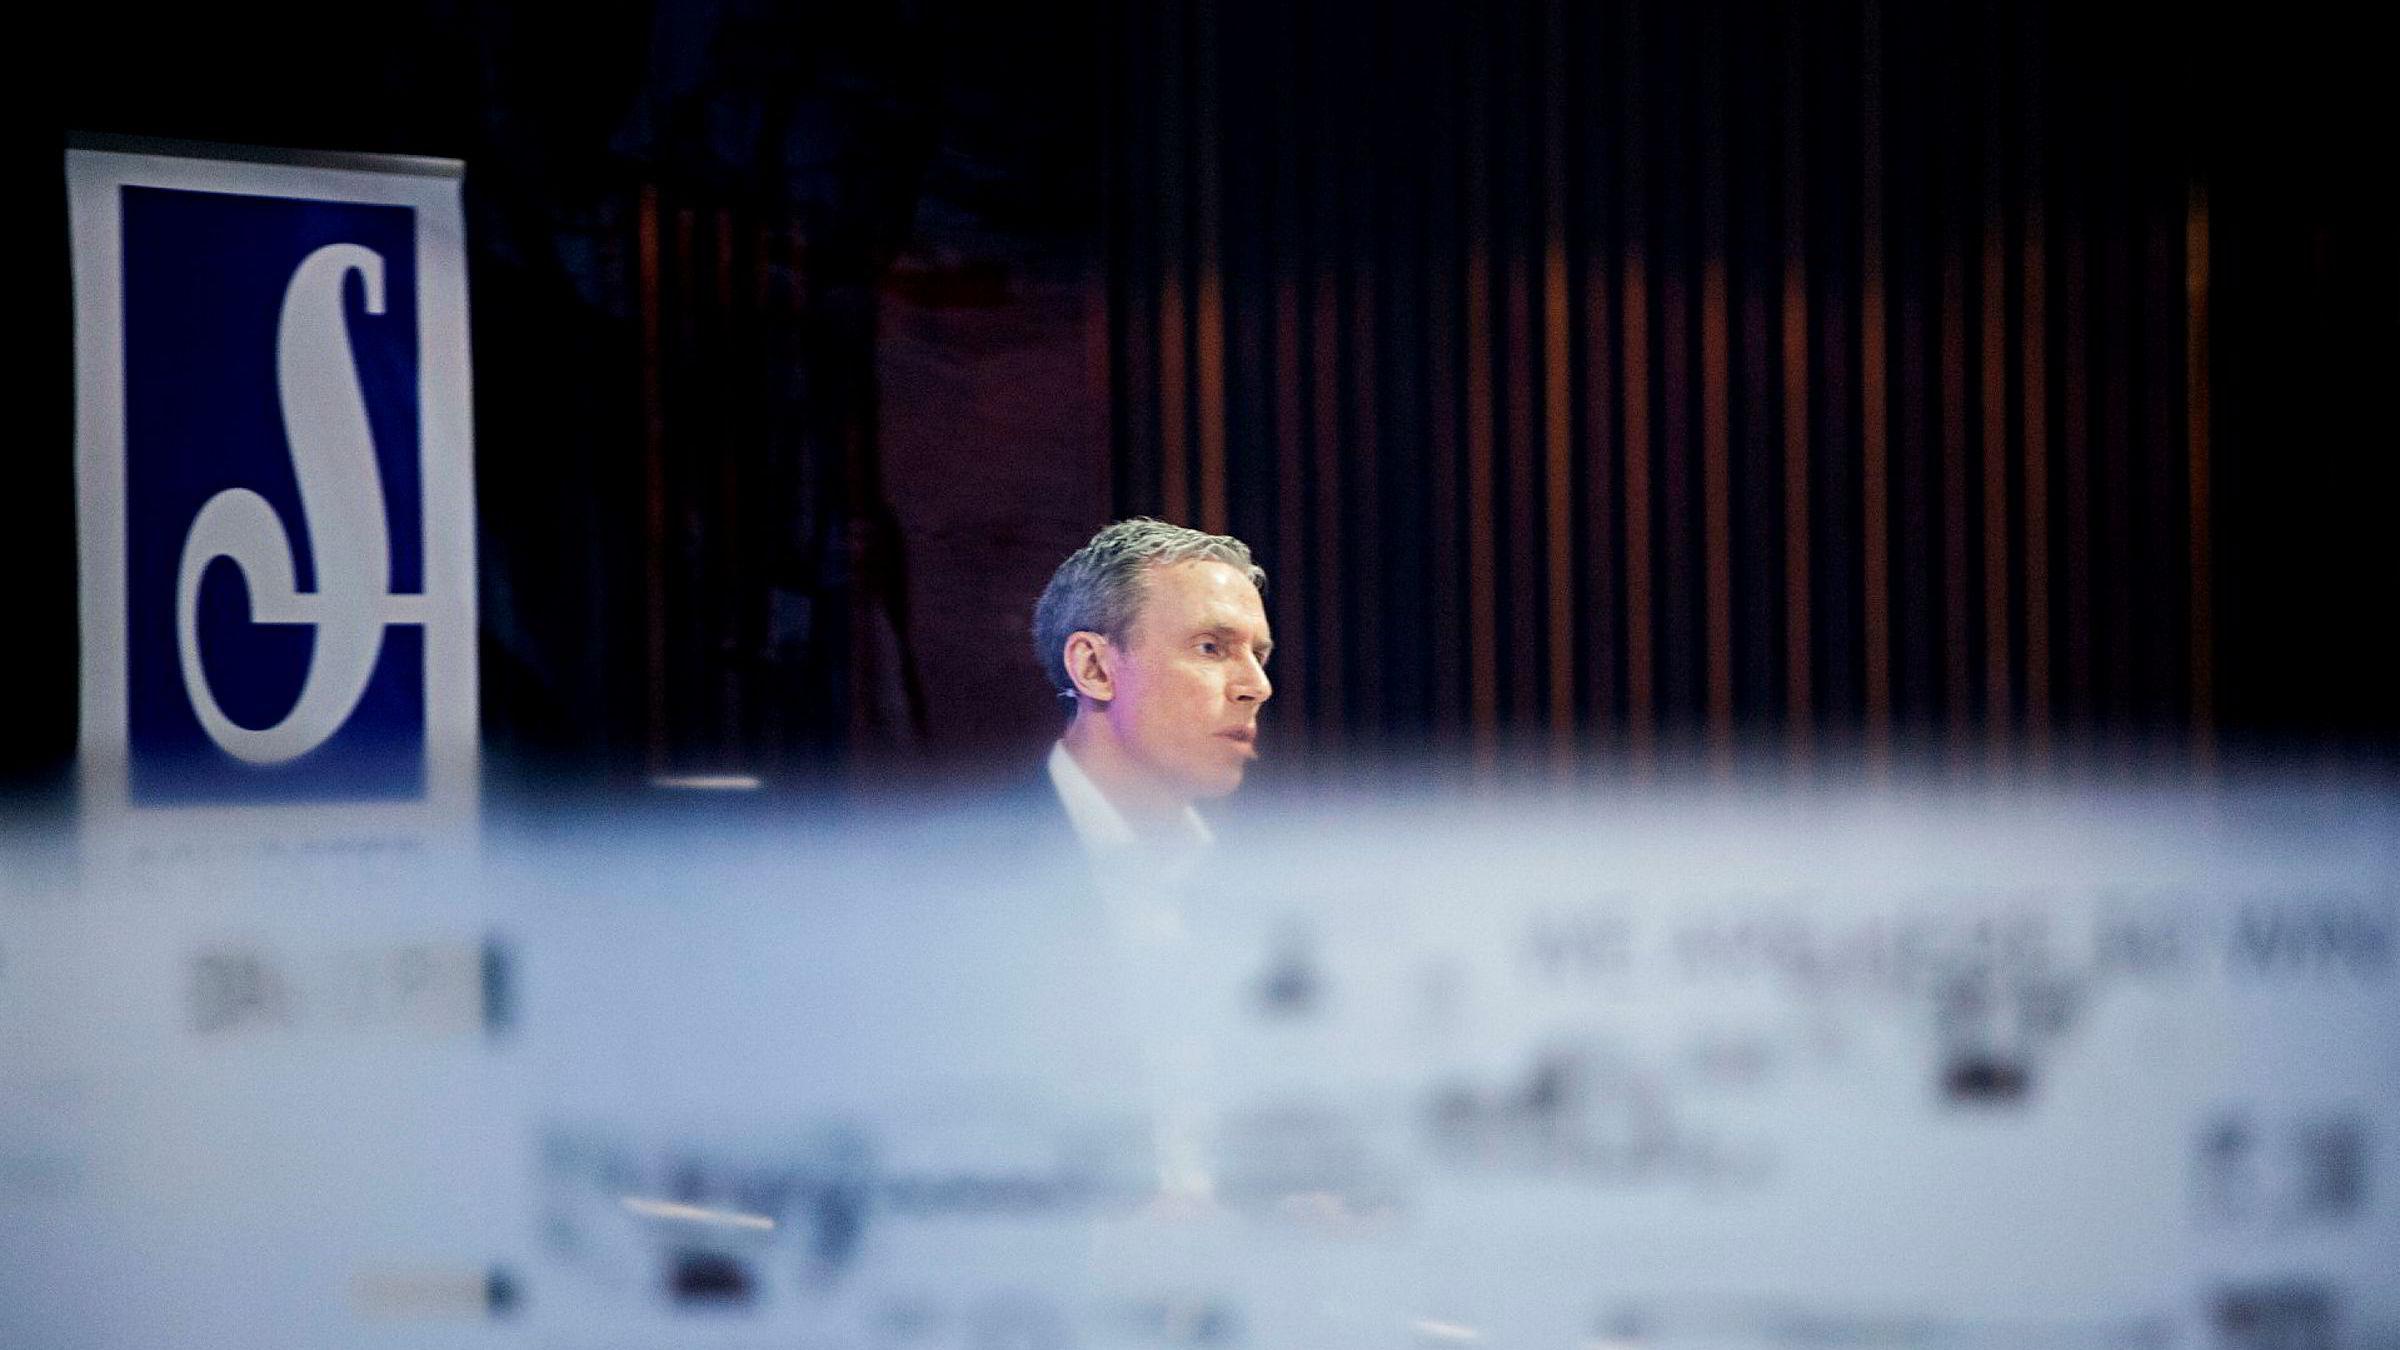 Konsernsjef Rolv Erik Ryssdal i Schibsted presenterte konsernets resultater i forrige uke. VG har en høy digitalandel av total omsetningen, mens abonnementsavisene henger etter.